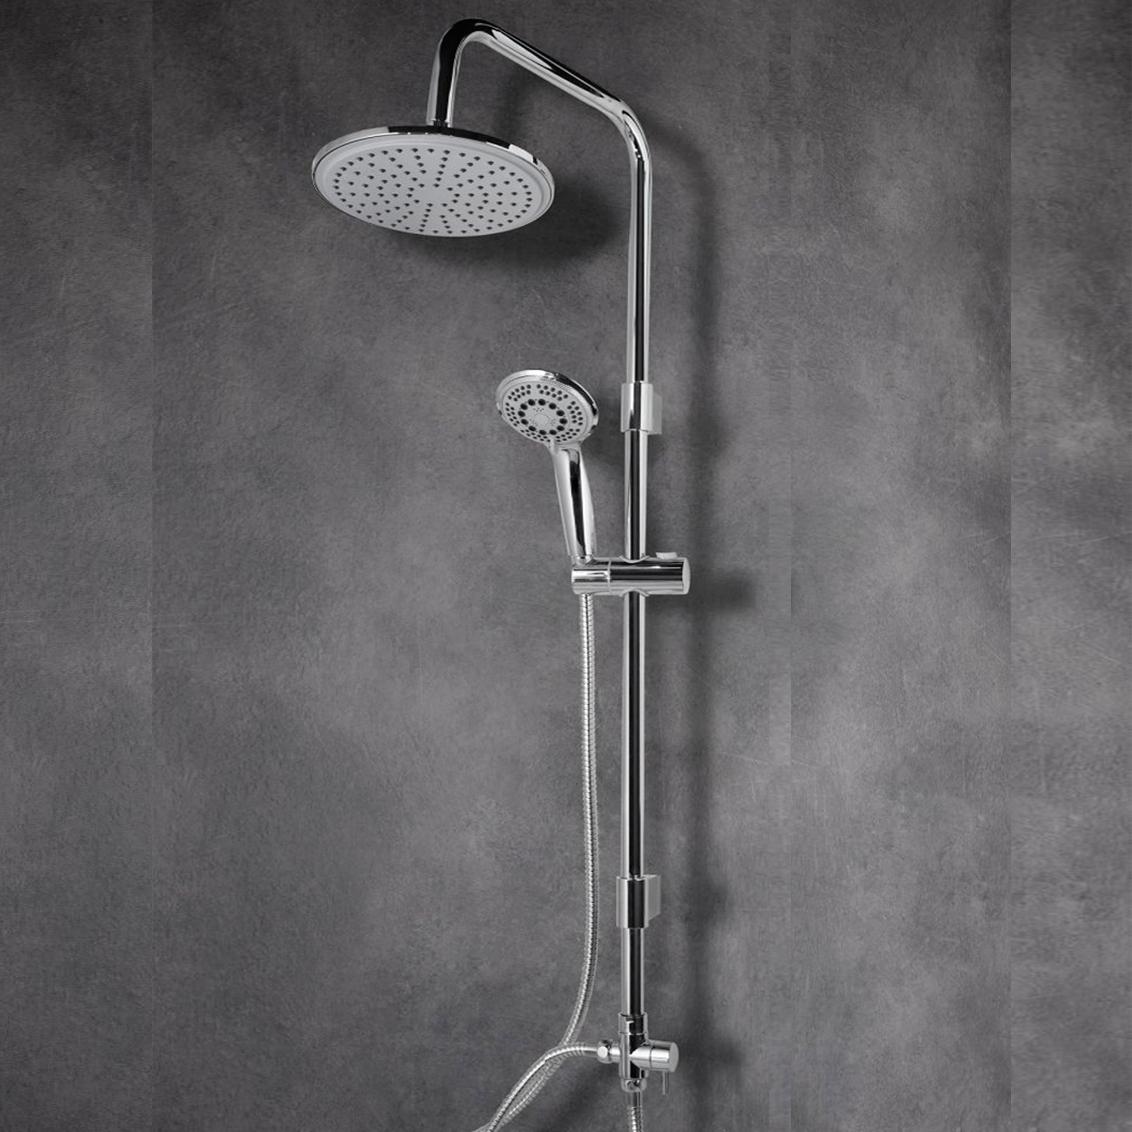 Colonna doccia tonda in ottone cromato con soffione d.20  e deviatore incorporato mod. Milos